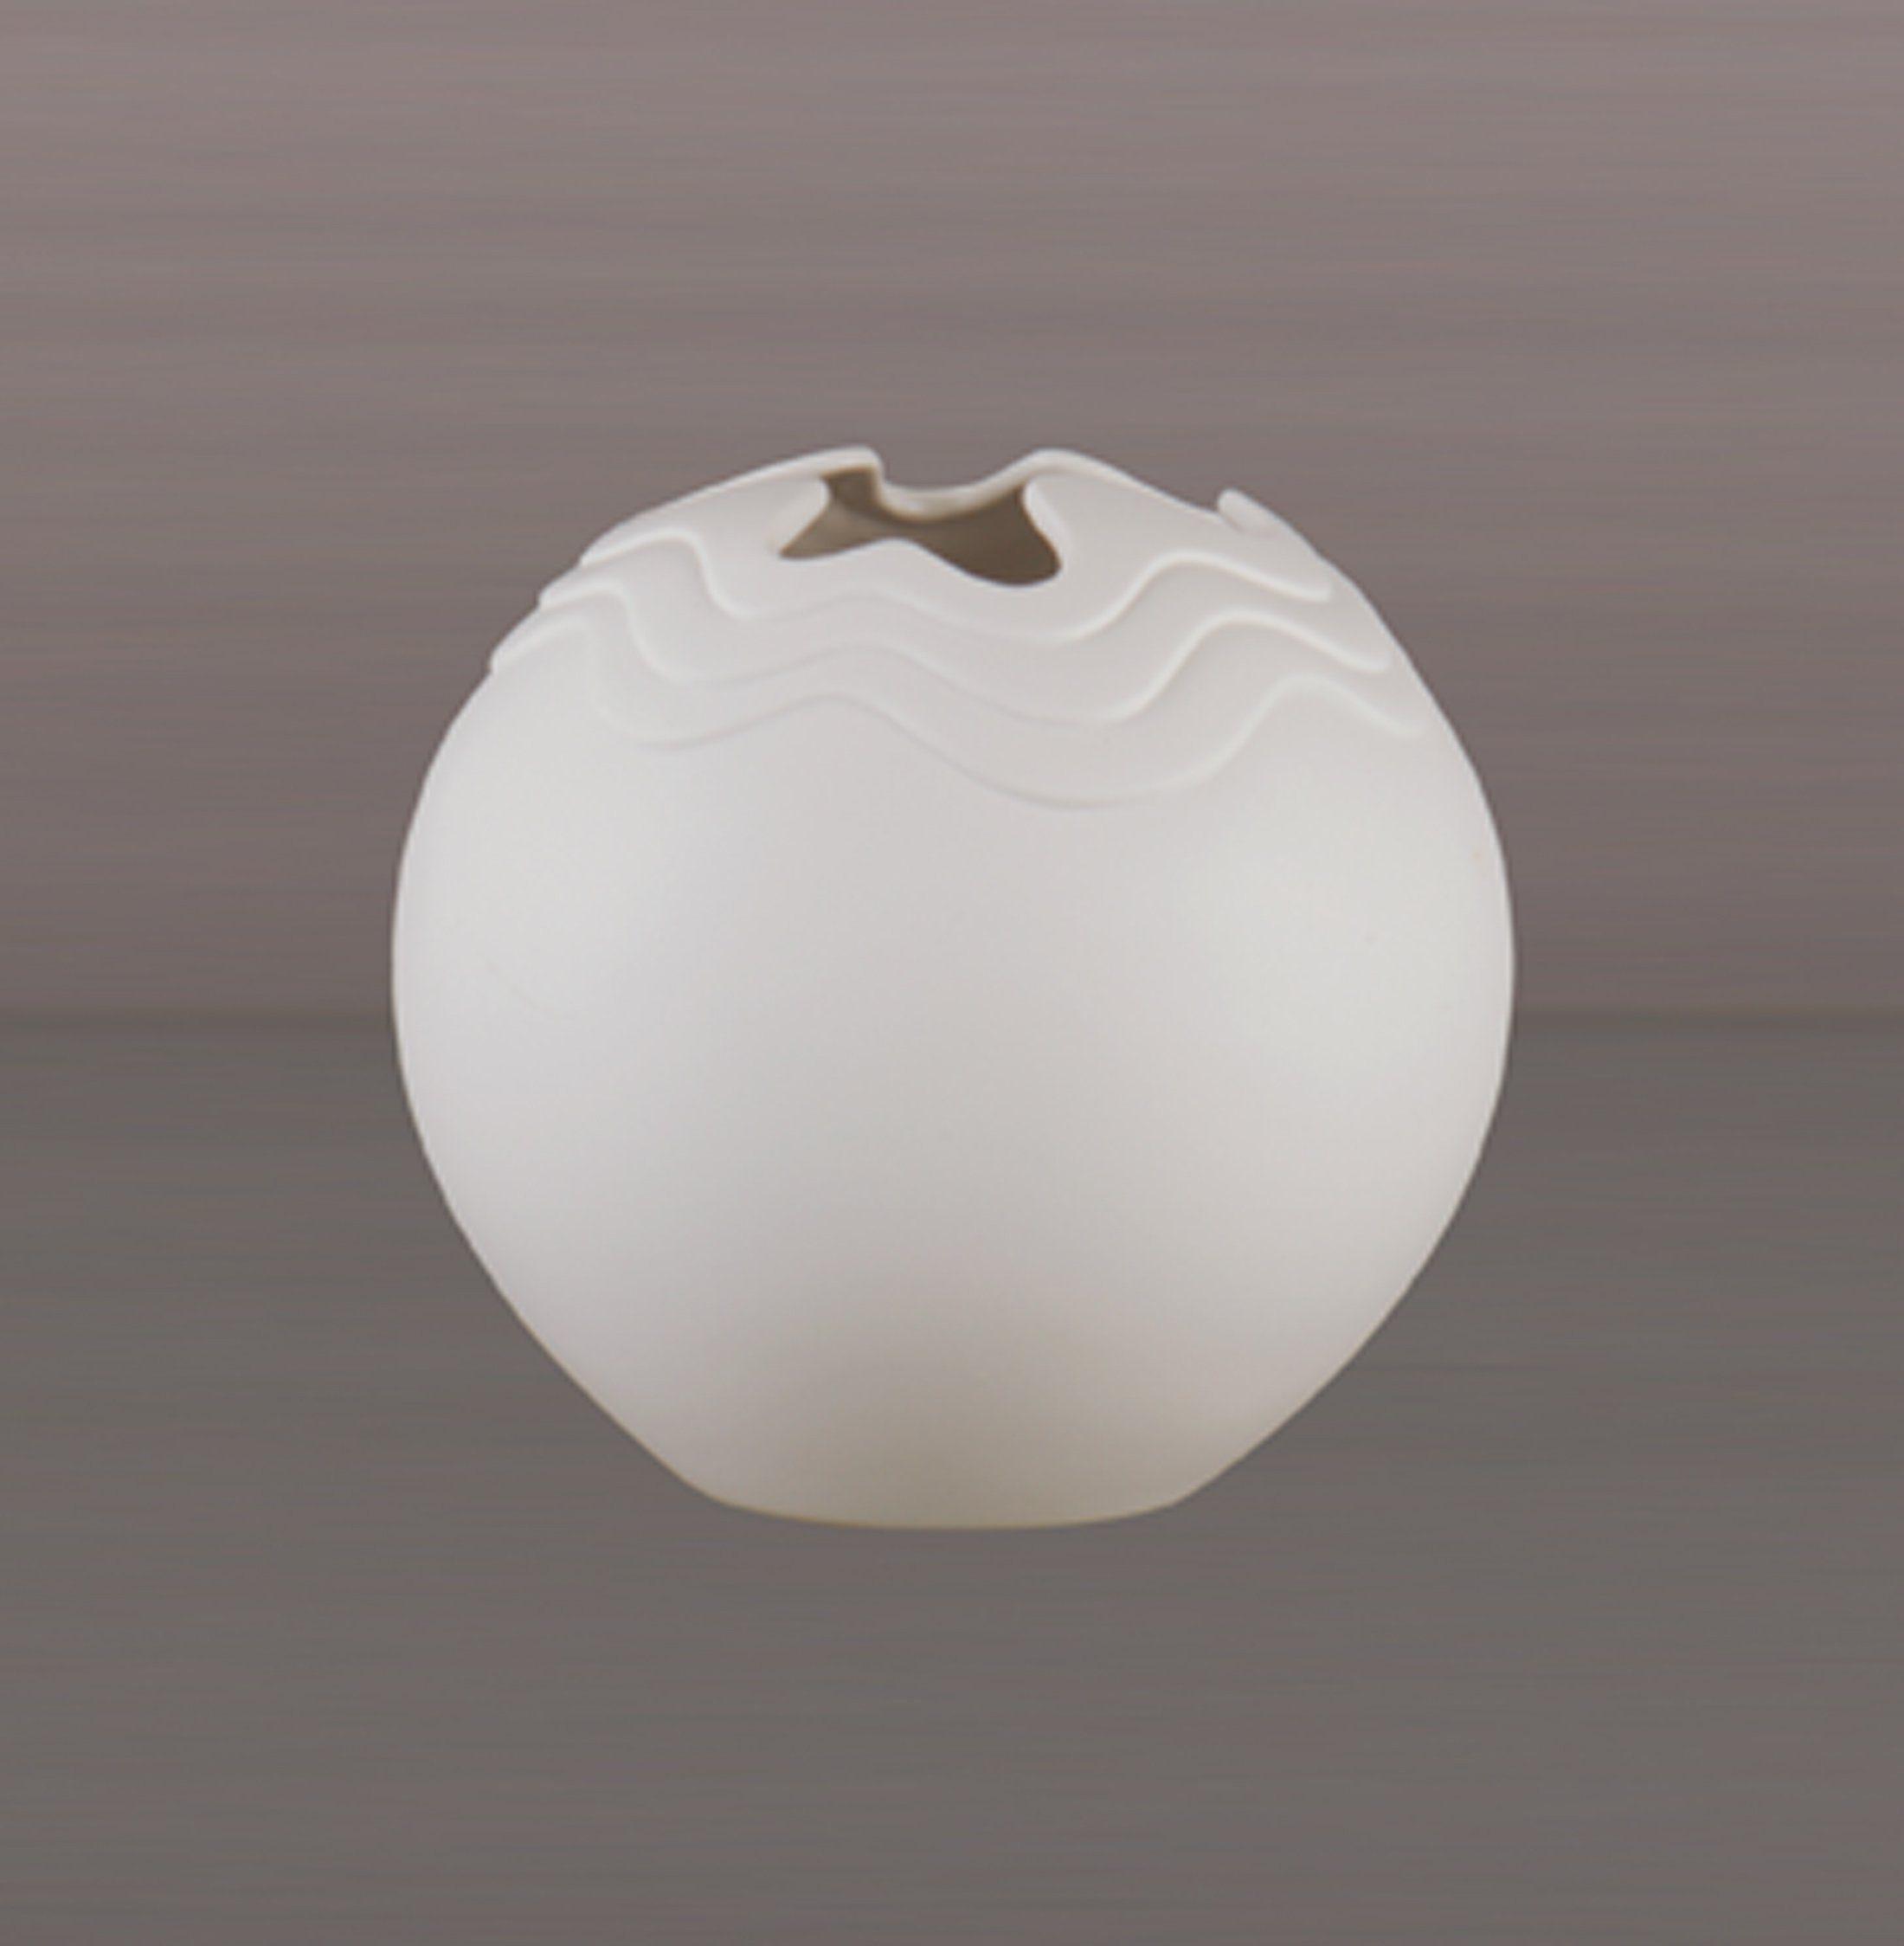 Kaiser Porzellan Vase »La Onda«